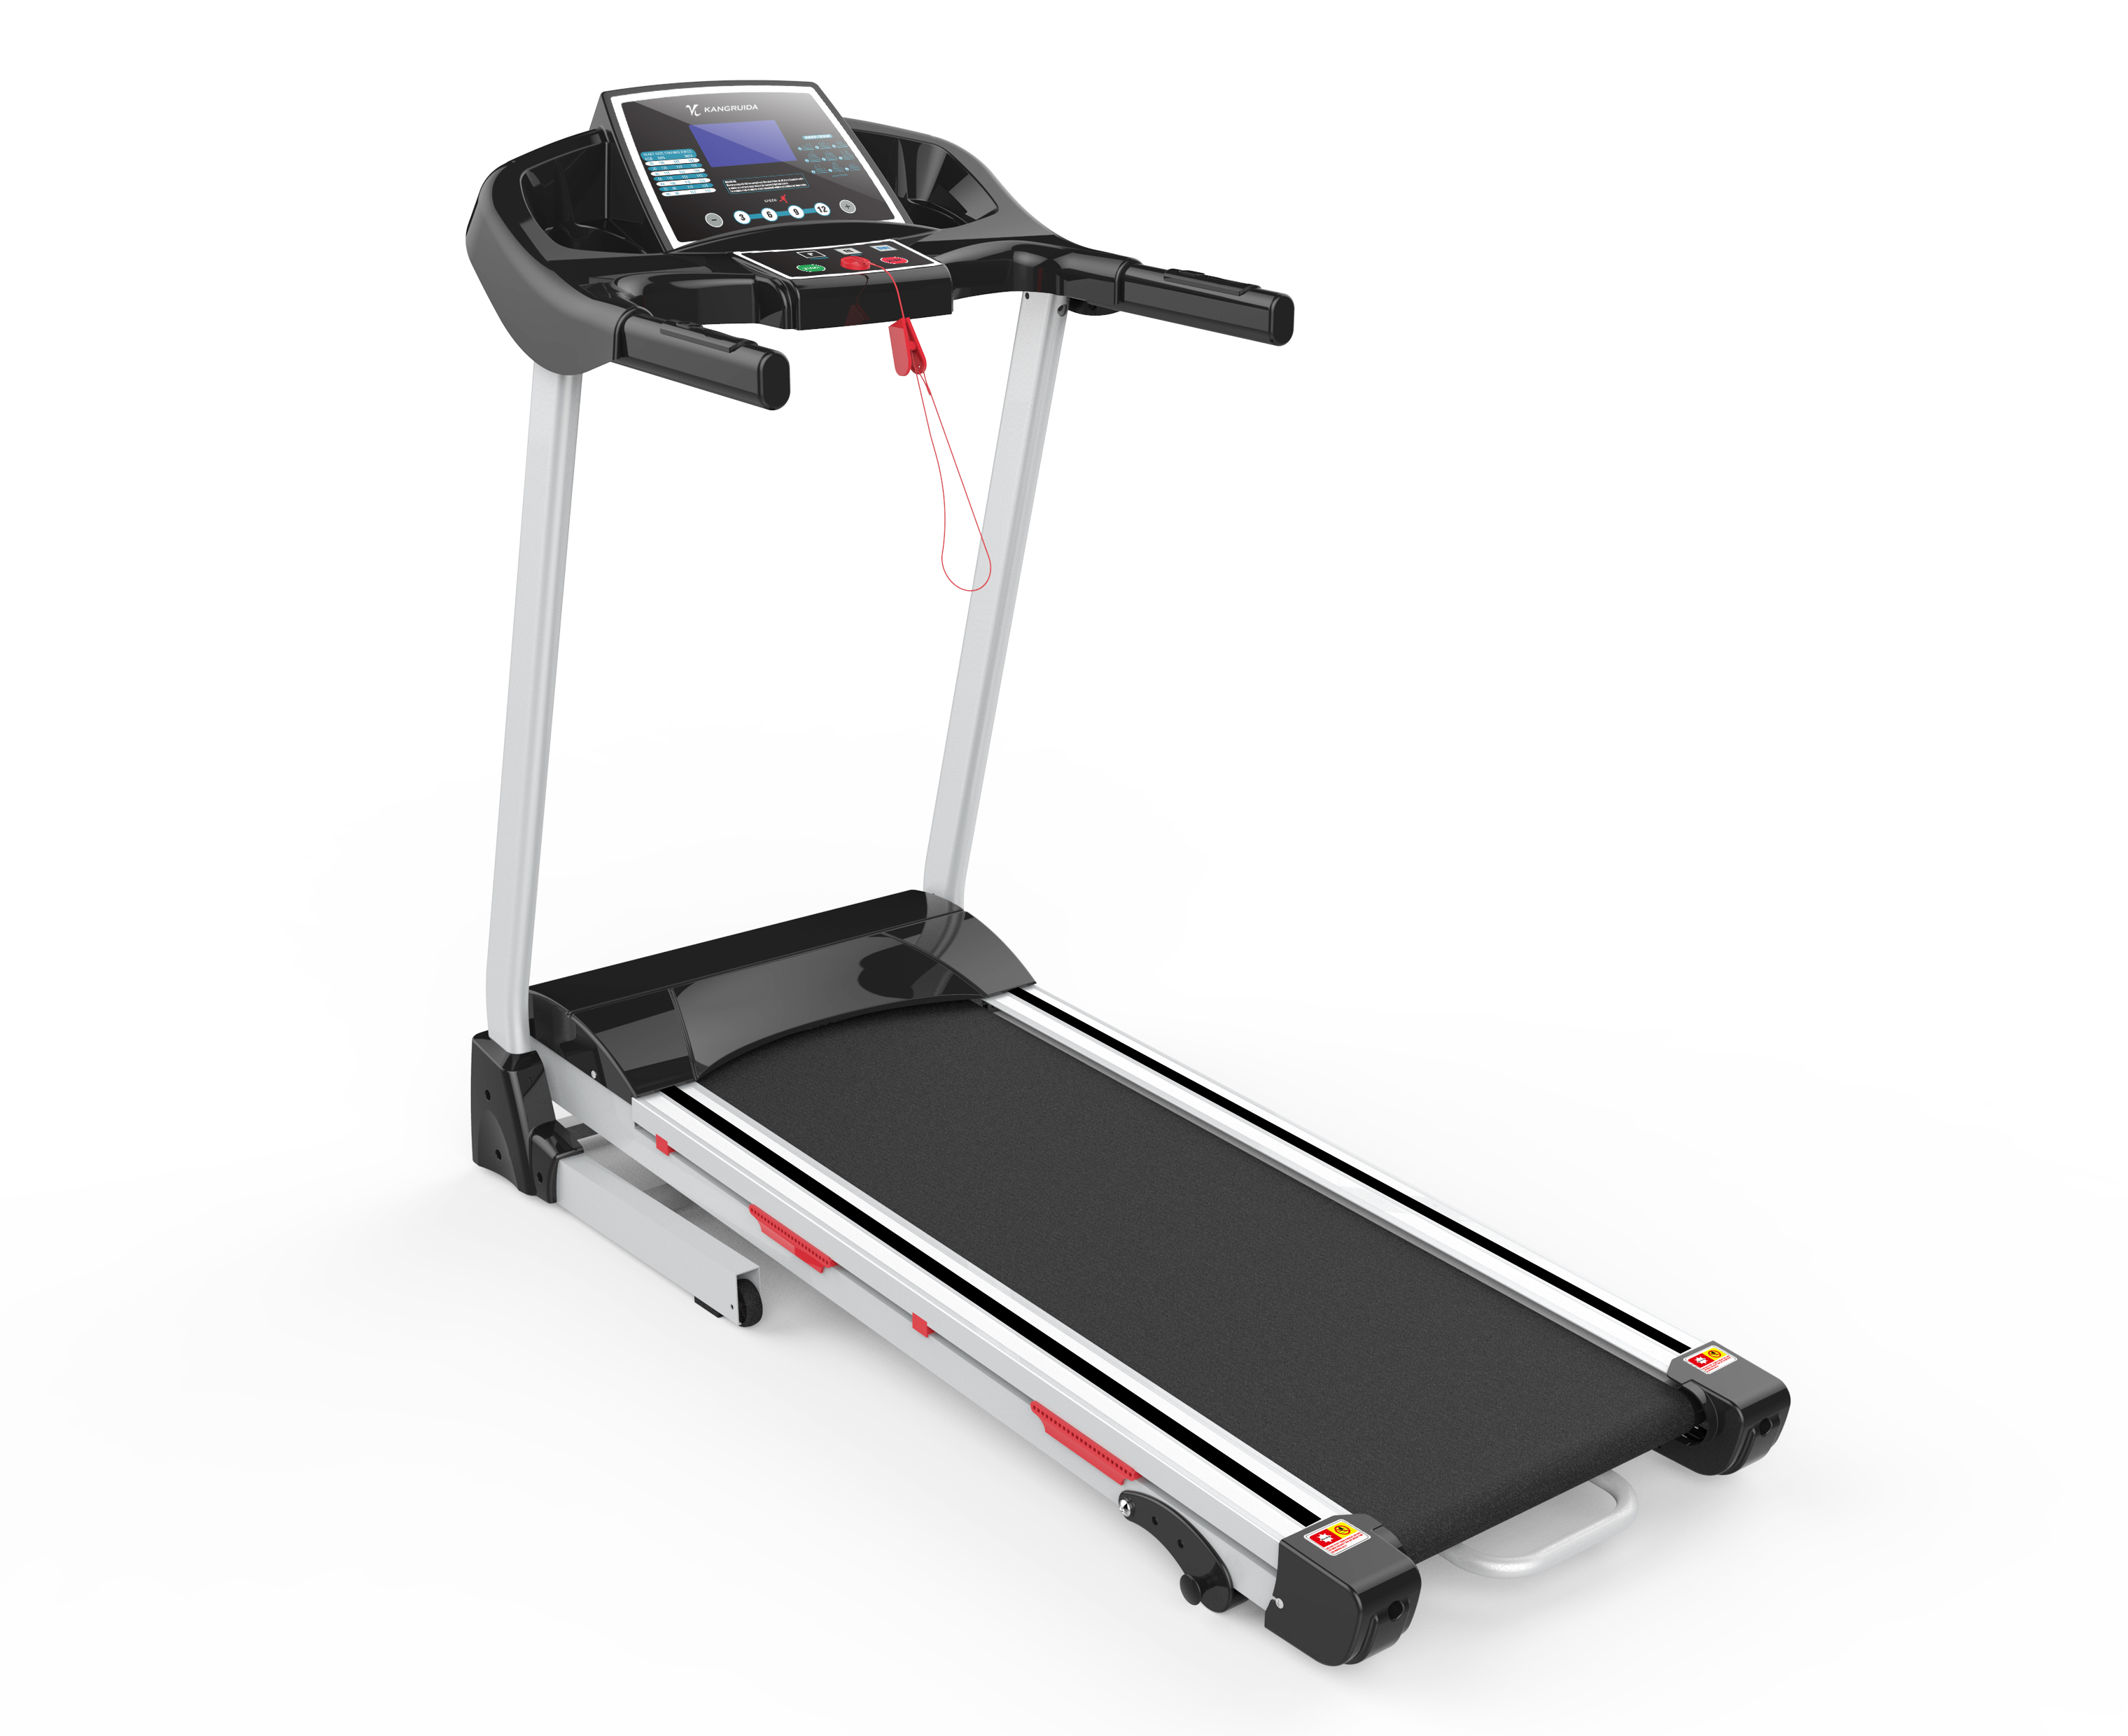 makin treadmill - HD3040×2480